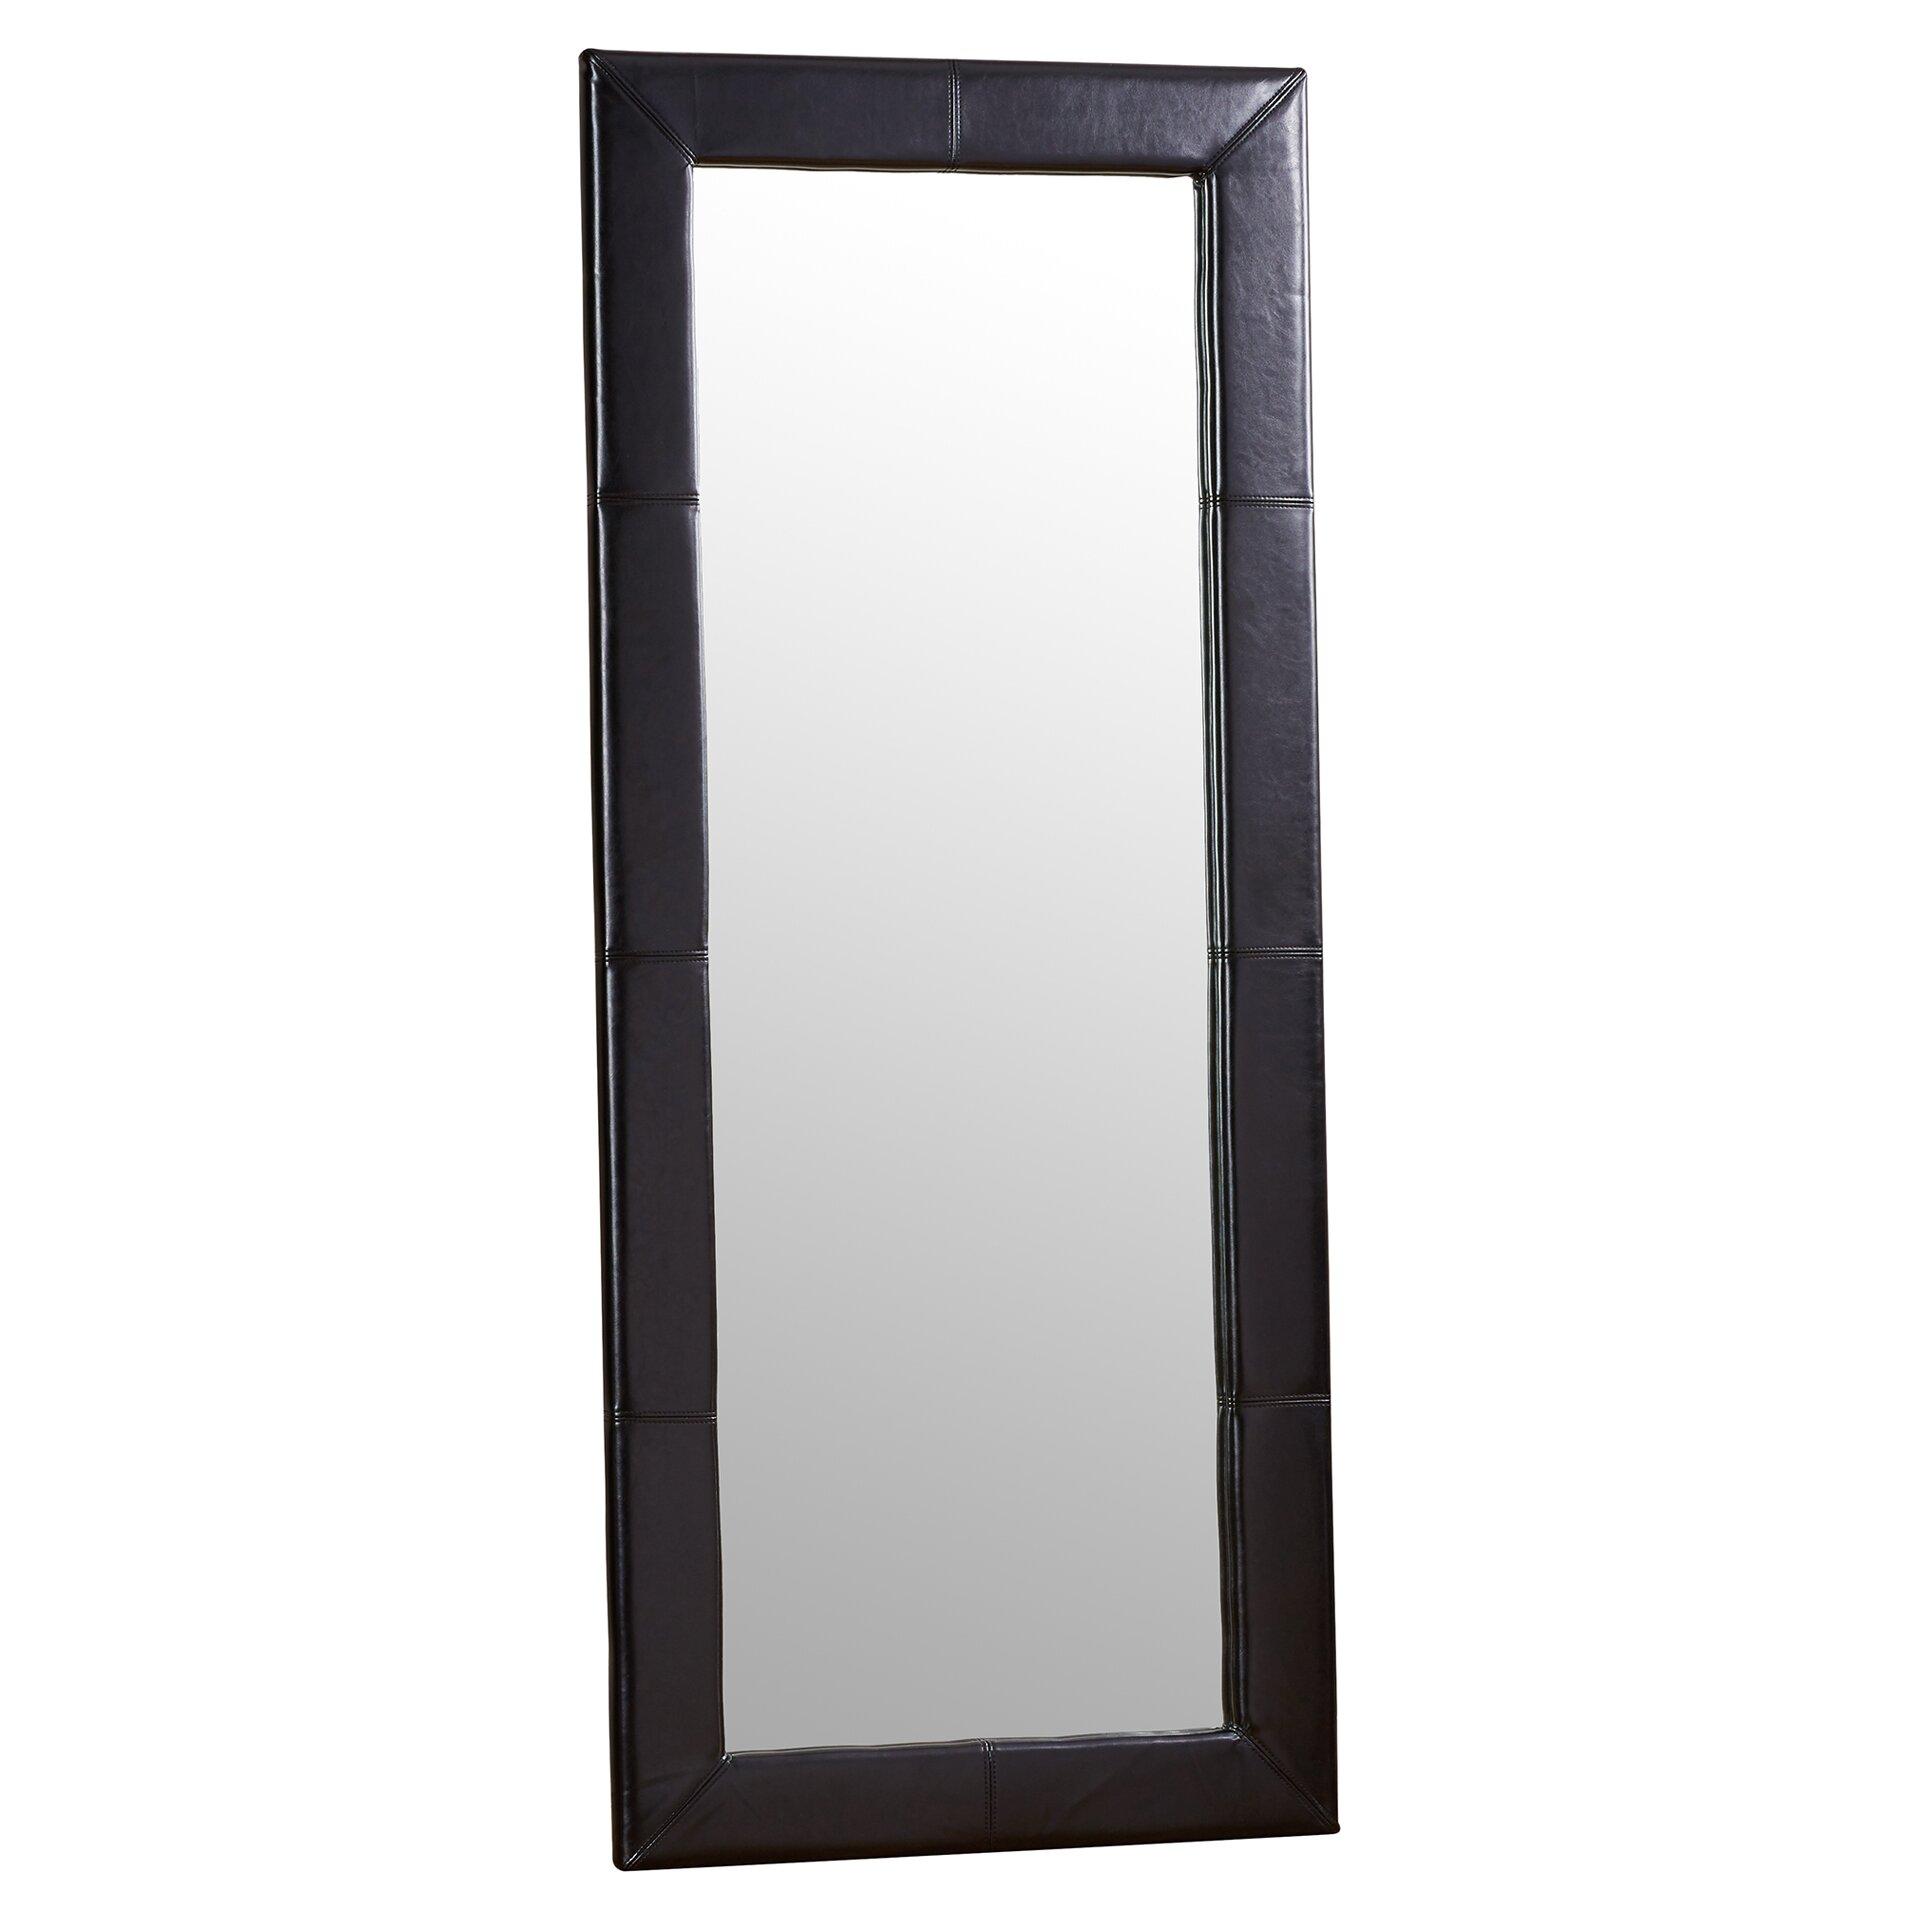 Wade logan floor mirror reviews for Glass floor mirror